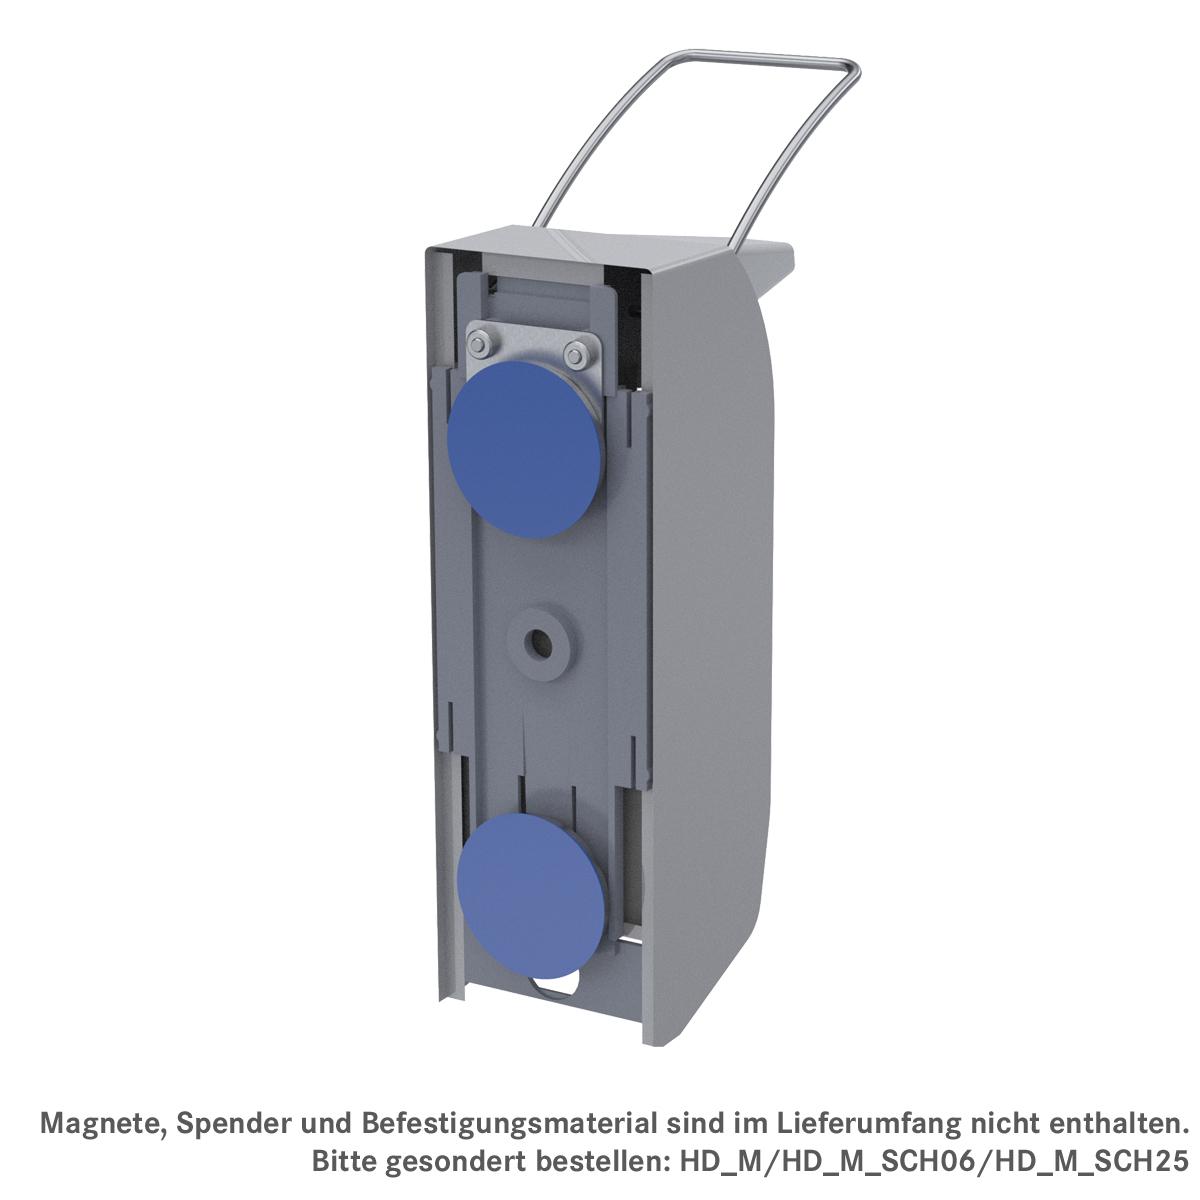 Adapter für Spender SEIS_IMP, SEIS_W_OM sowie Ingo-Man, ArtNr.: HD_M_OP